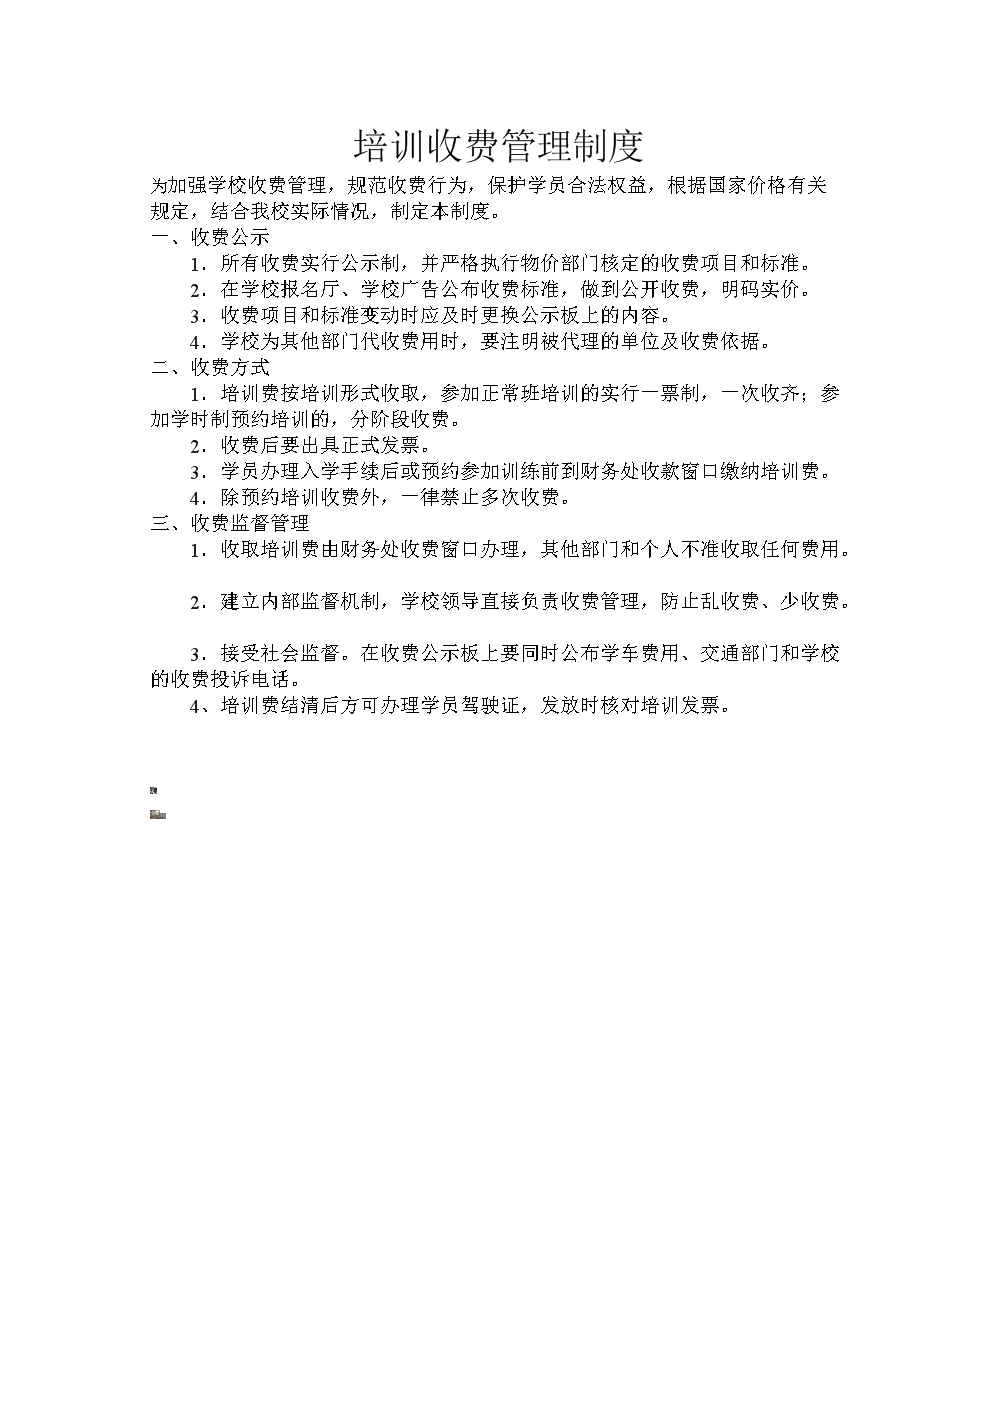 .培训收费管理制度.doc